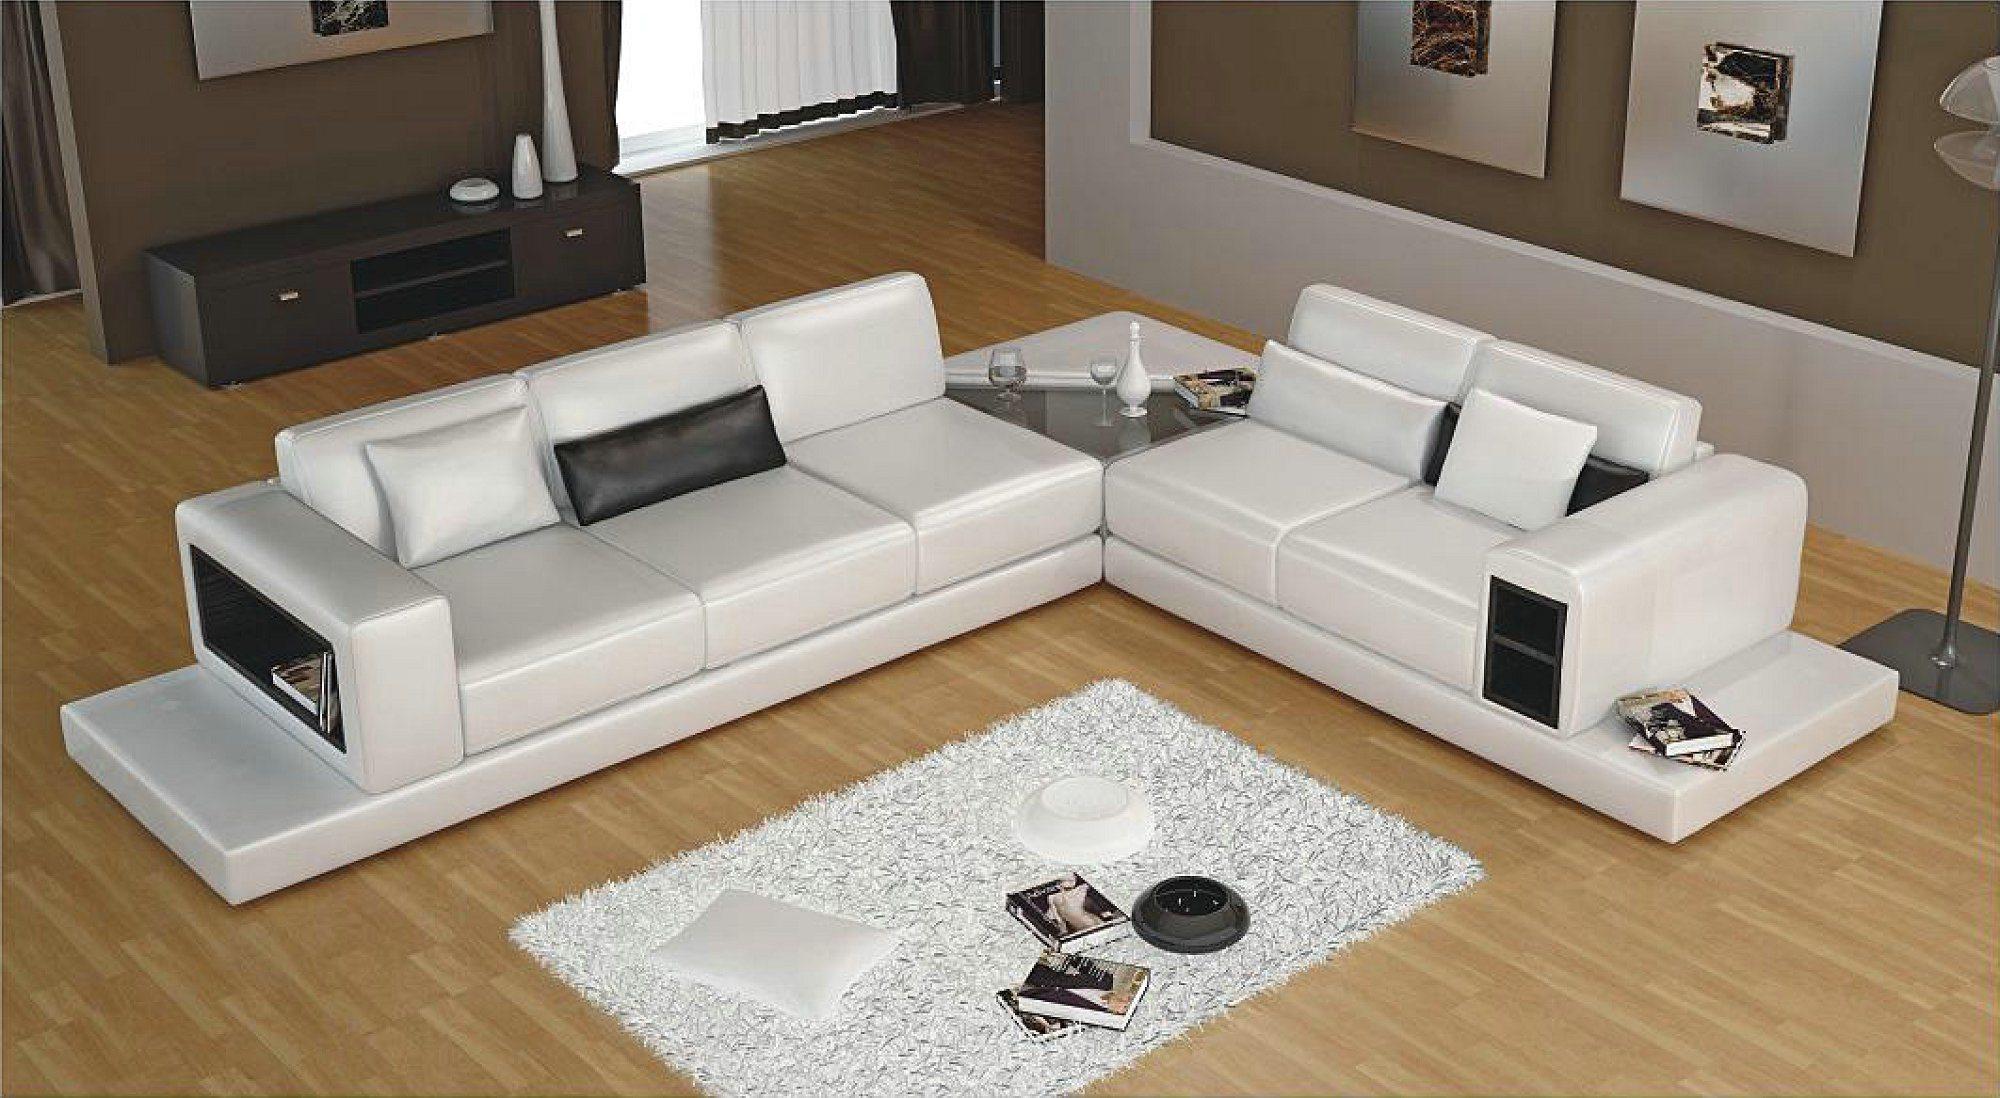 China Product in Dubai White Leather Sofa Set s